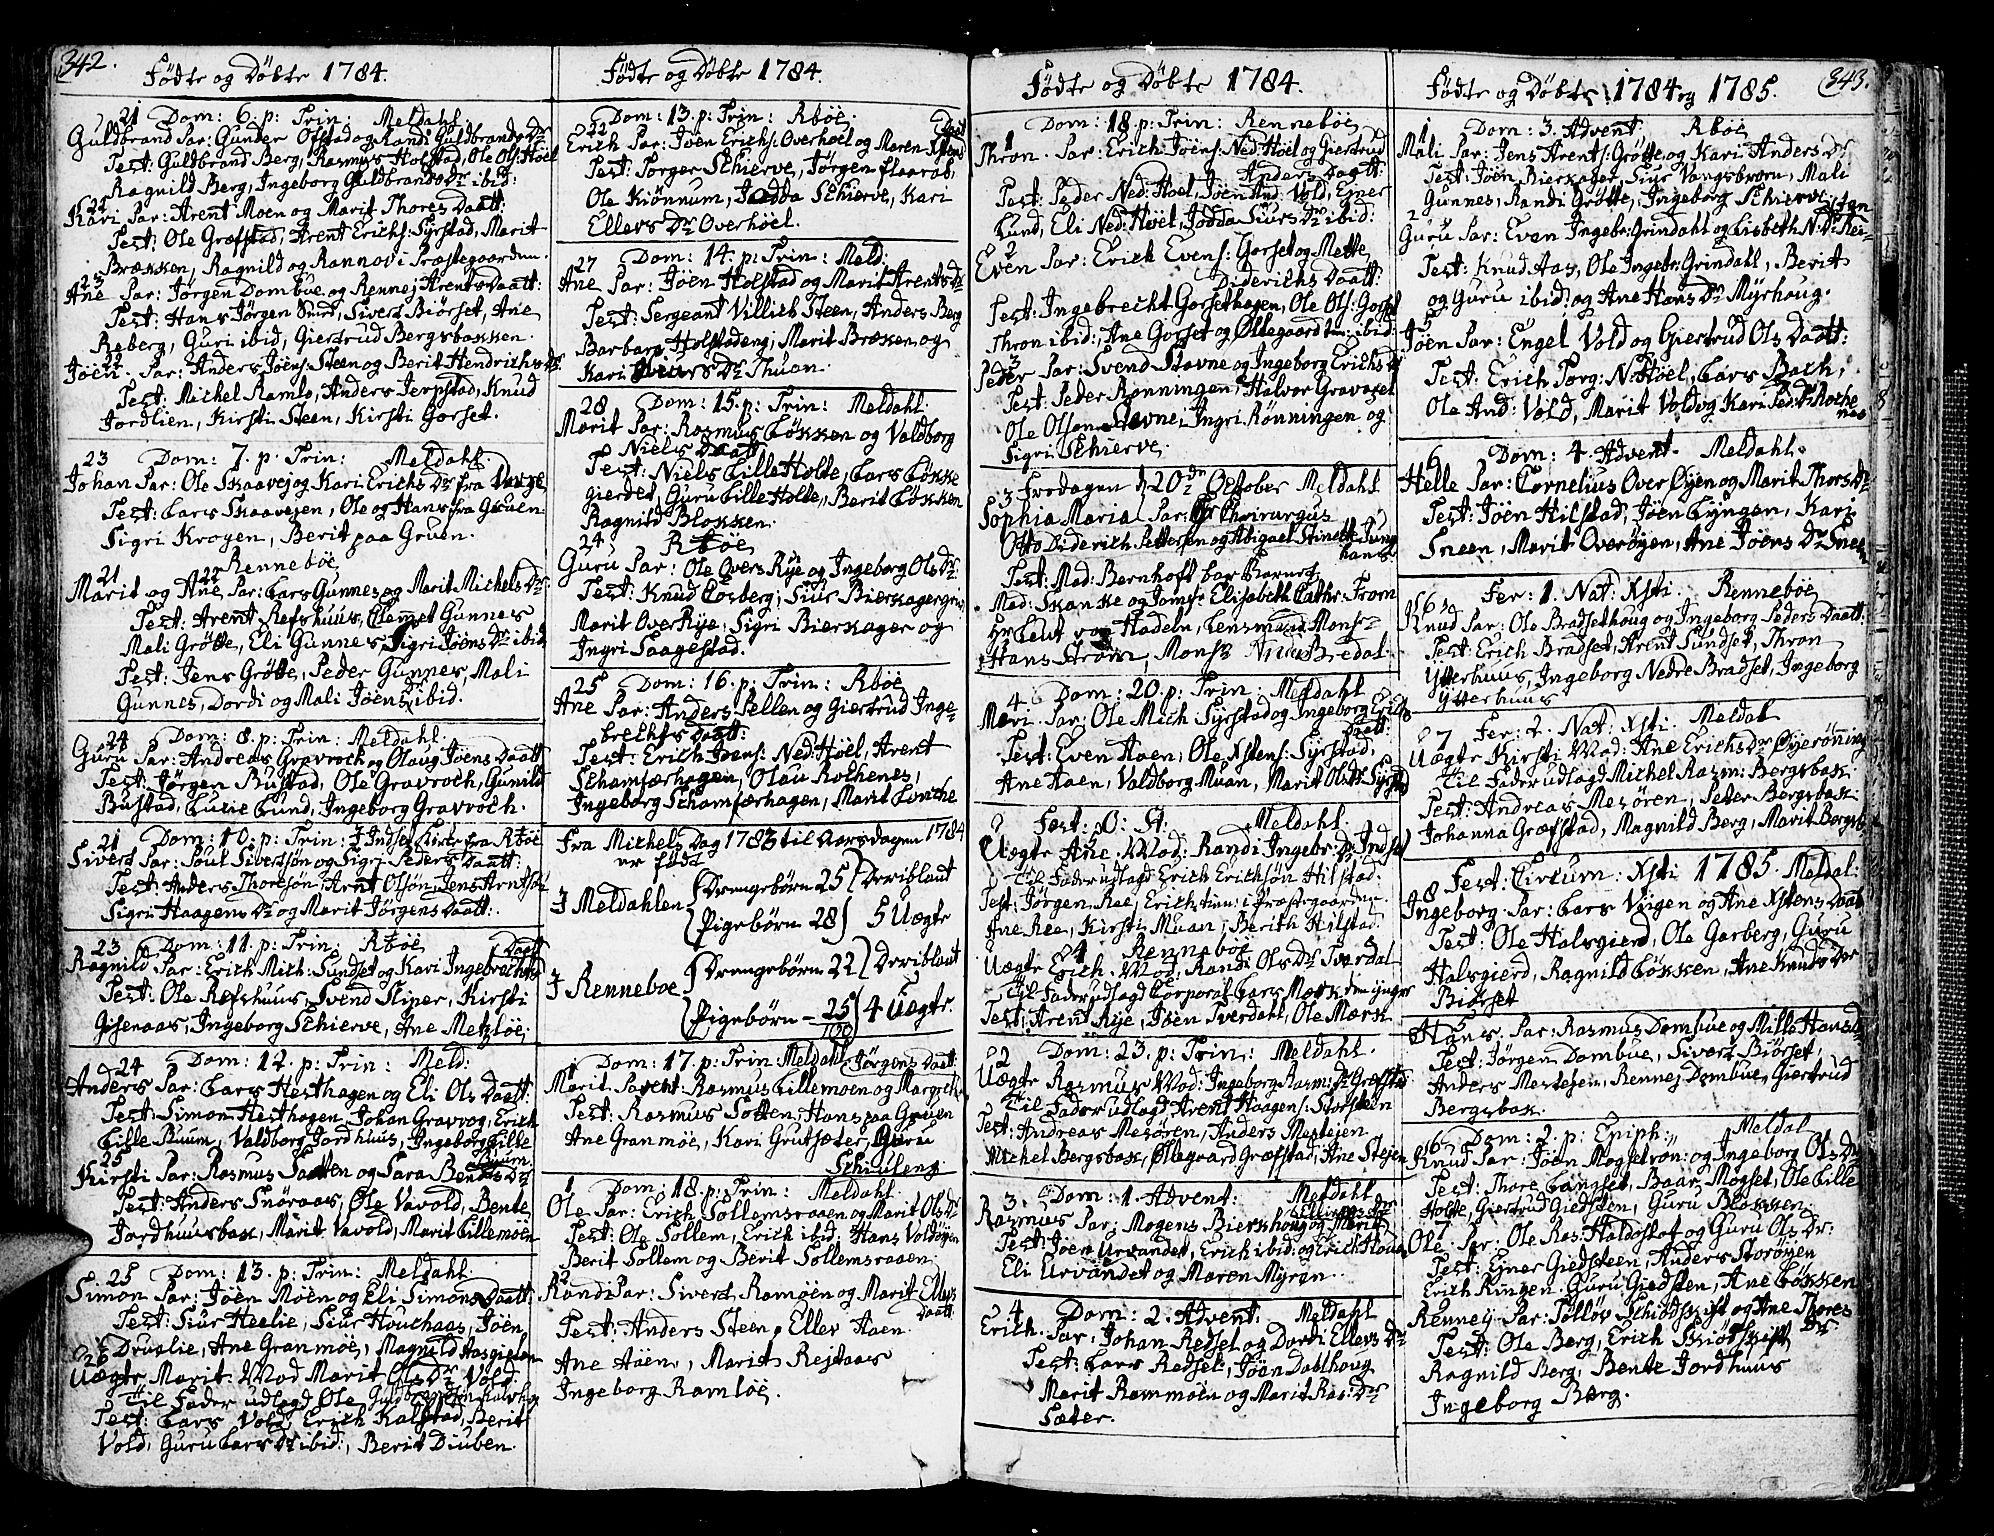 SAT, Ministerialprotokoller, klokkerbøker og fødselsregistre - Sør-Trøndelag, 672/L0852: Ministerialbok nr. 672A05, 1776-1815, s. 342-343